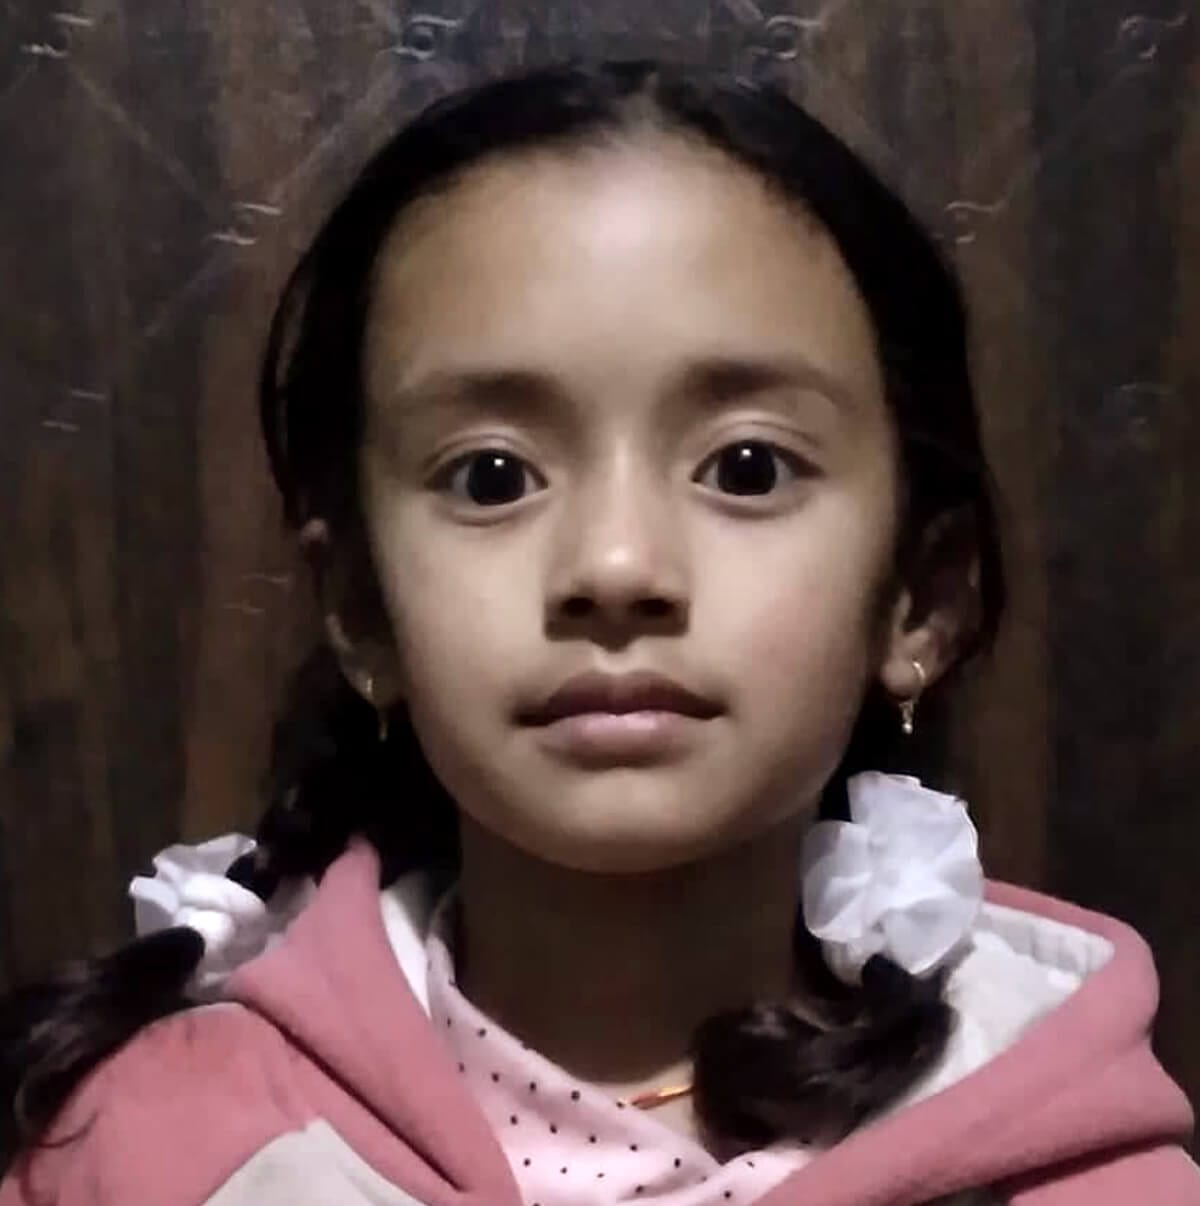 Dálková adopce dětí z Nepálu: Sunishma K.C